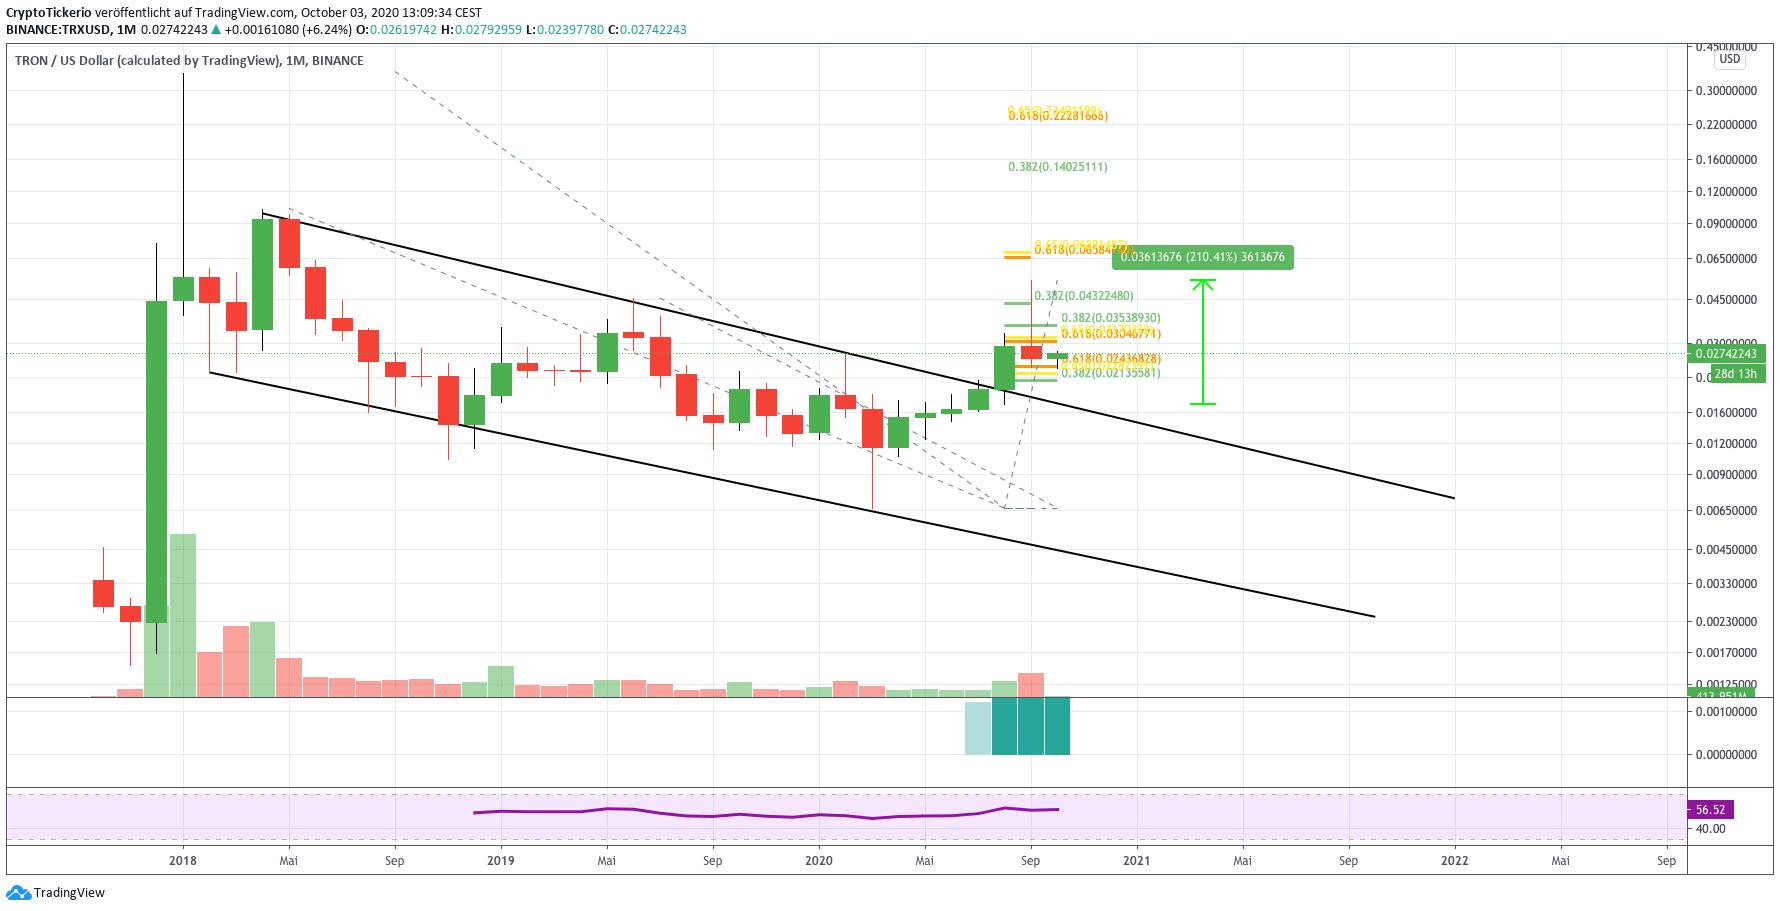 TRX/USD monthly price analysis